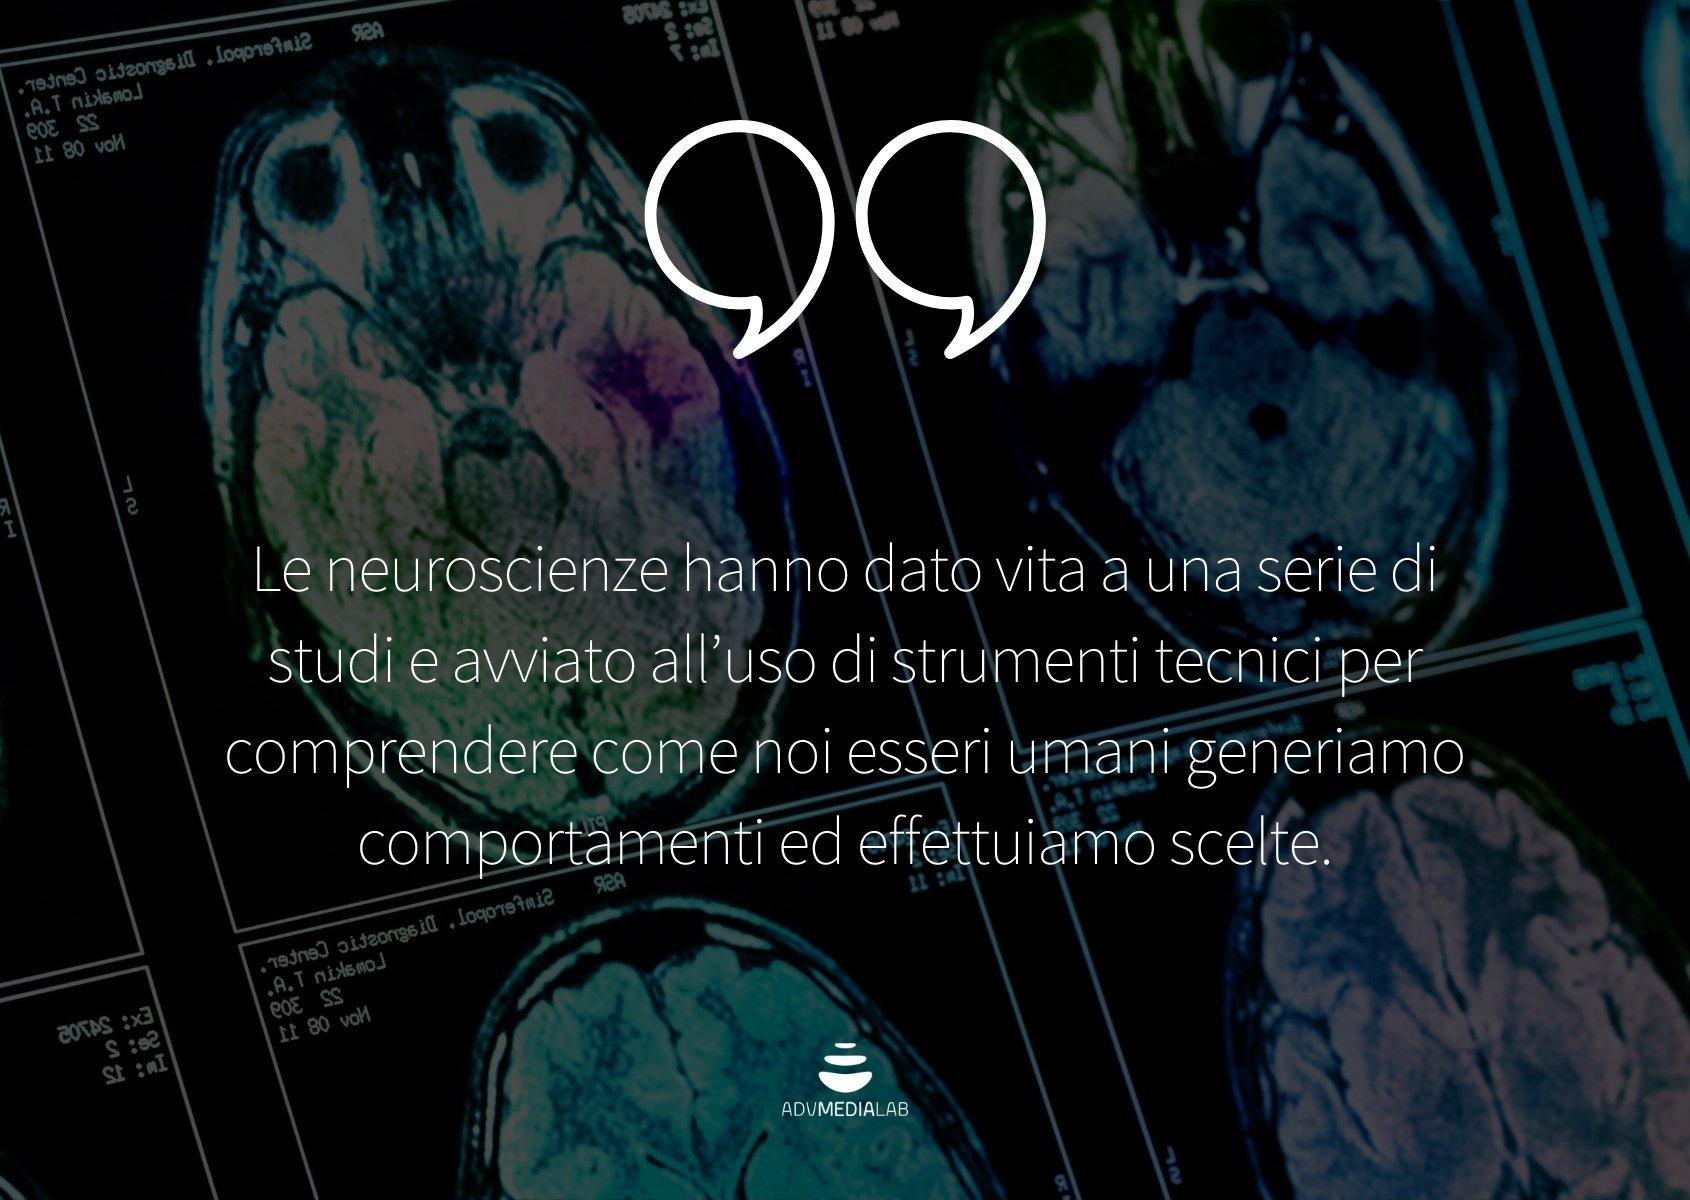 Misurare gli indici fisiologici: gli strumenti di neuromarketing